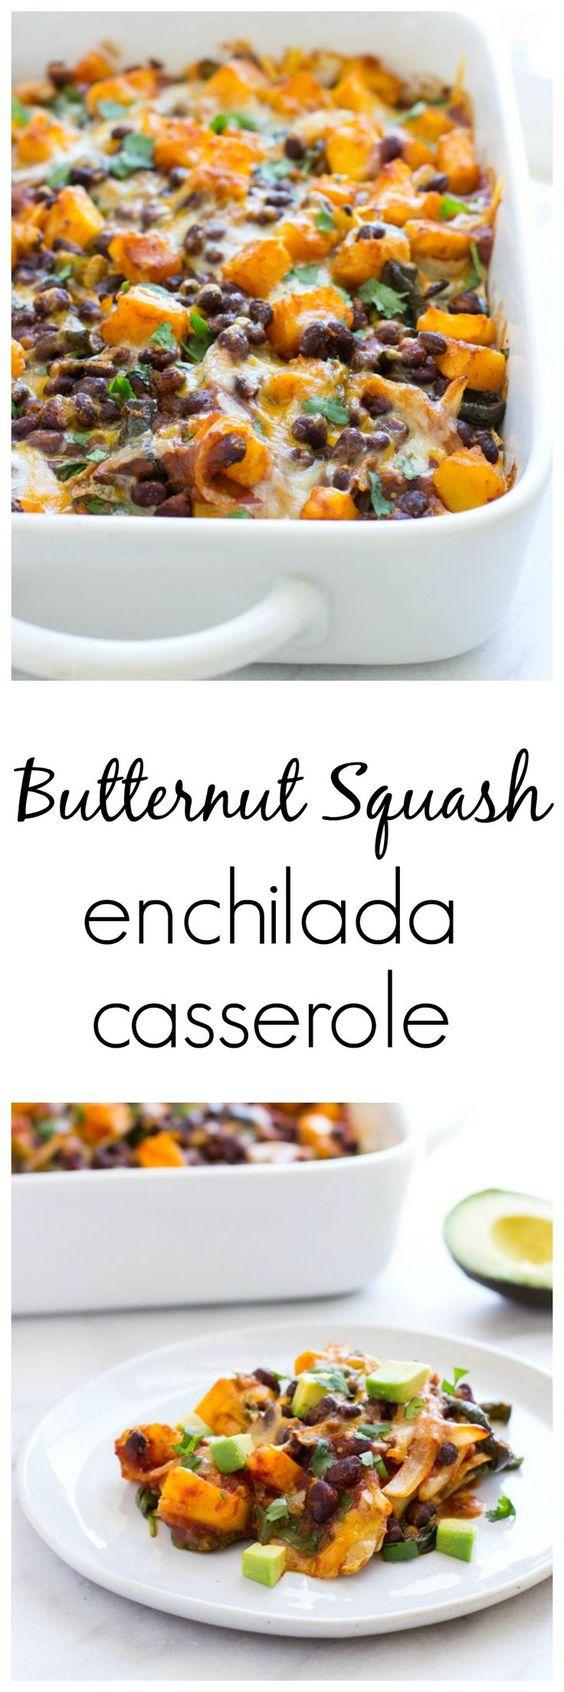 Butternut Squash Enchilada Casserole (TNT) 86cc1ec2e938e25158f1b49ece80e8e4